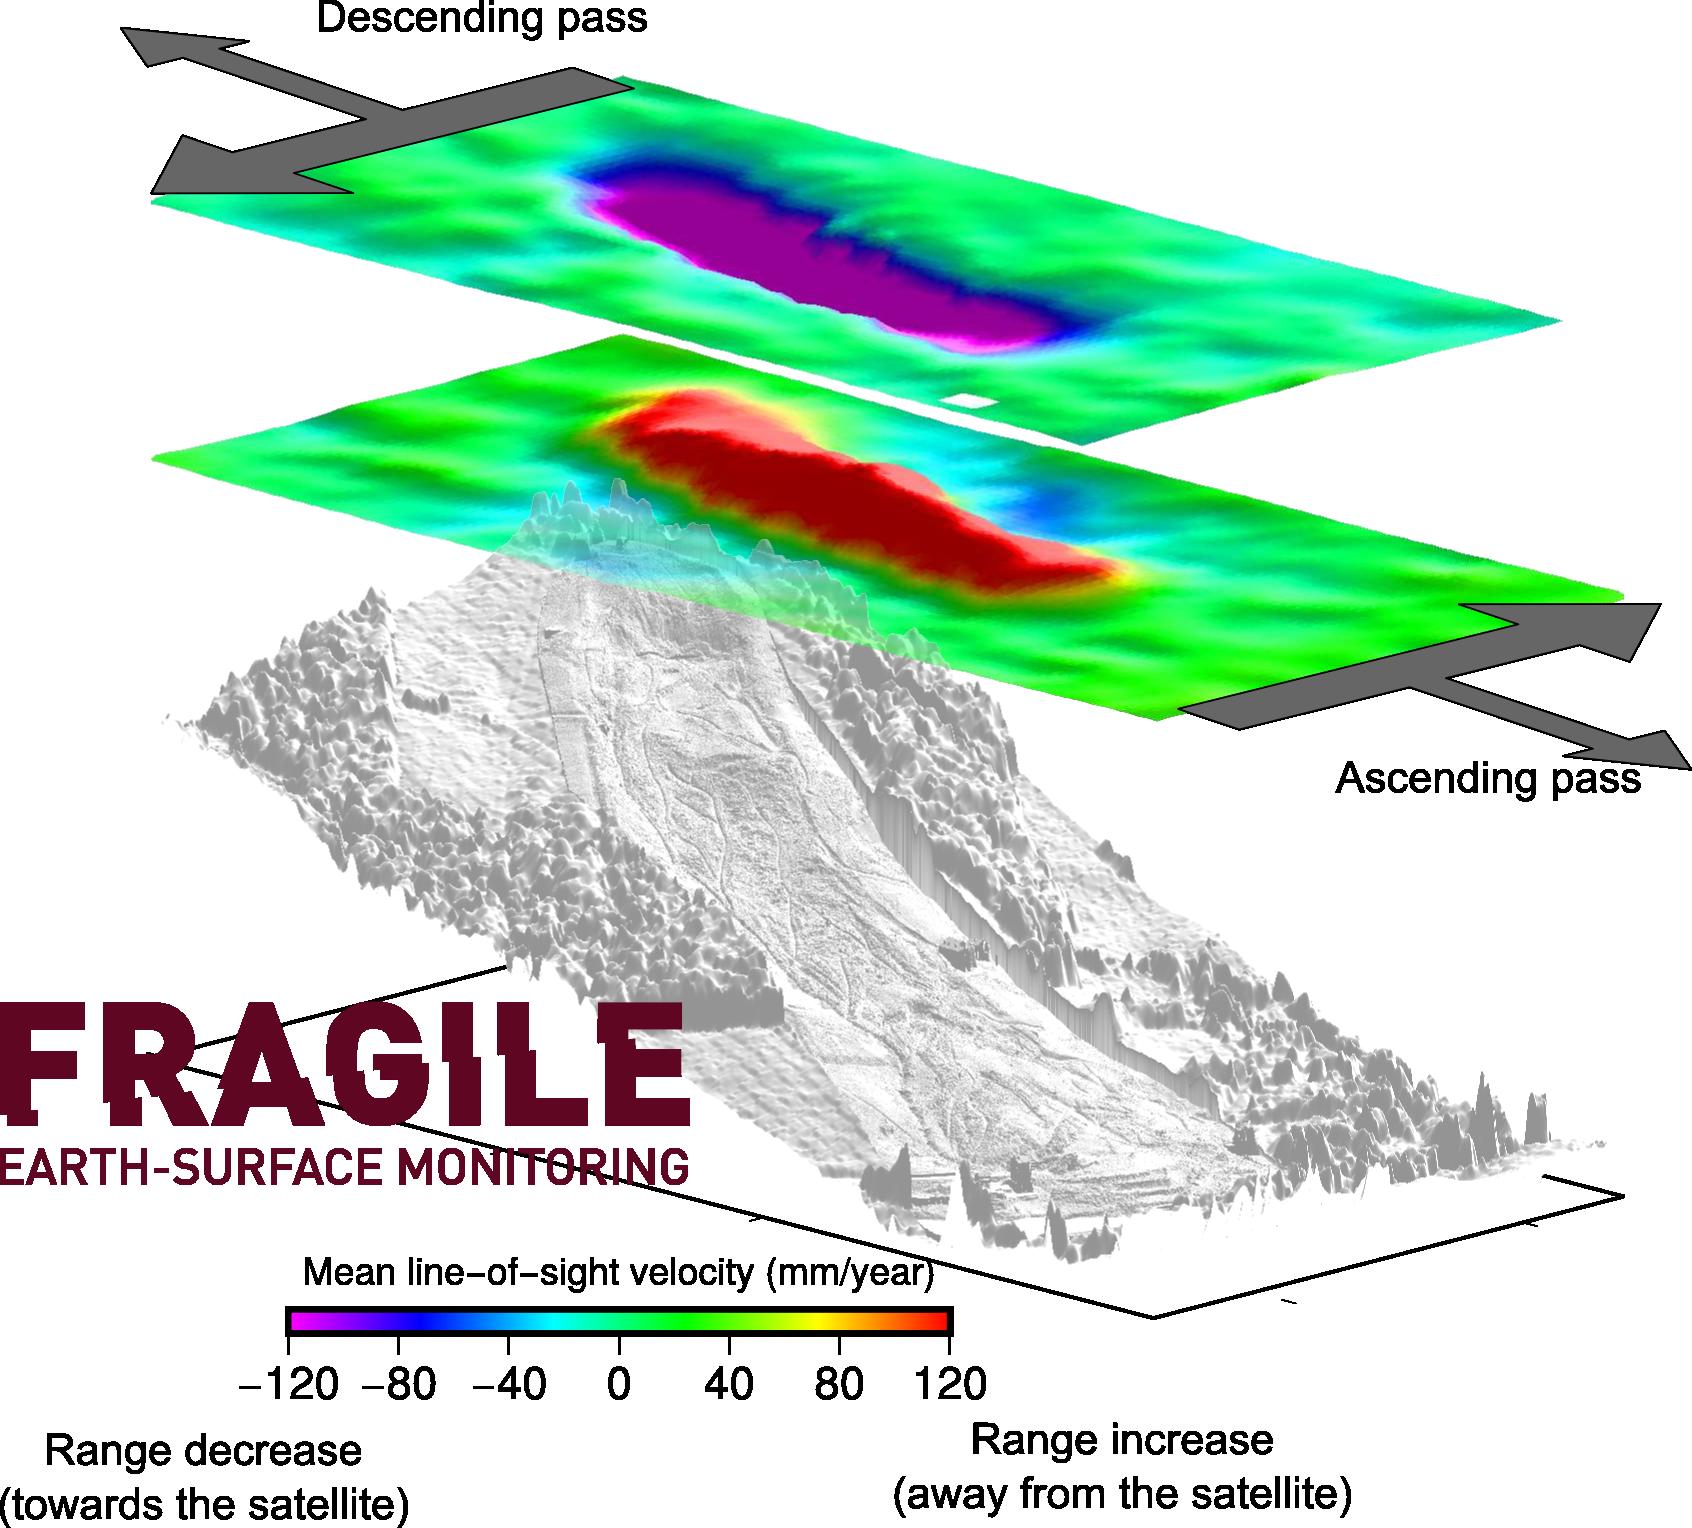 Fragile - RAPID AREAL INSAR SURVEY (RAINS) 8